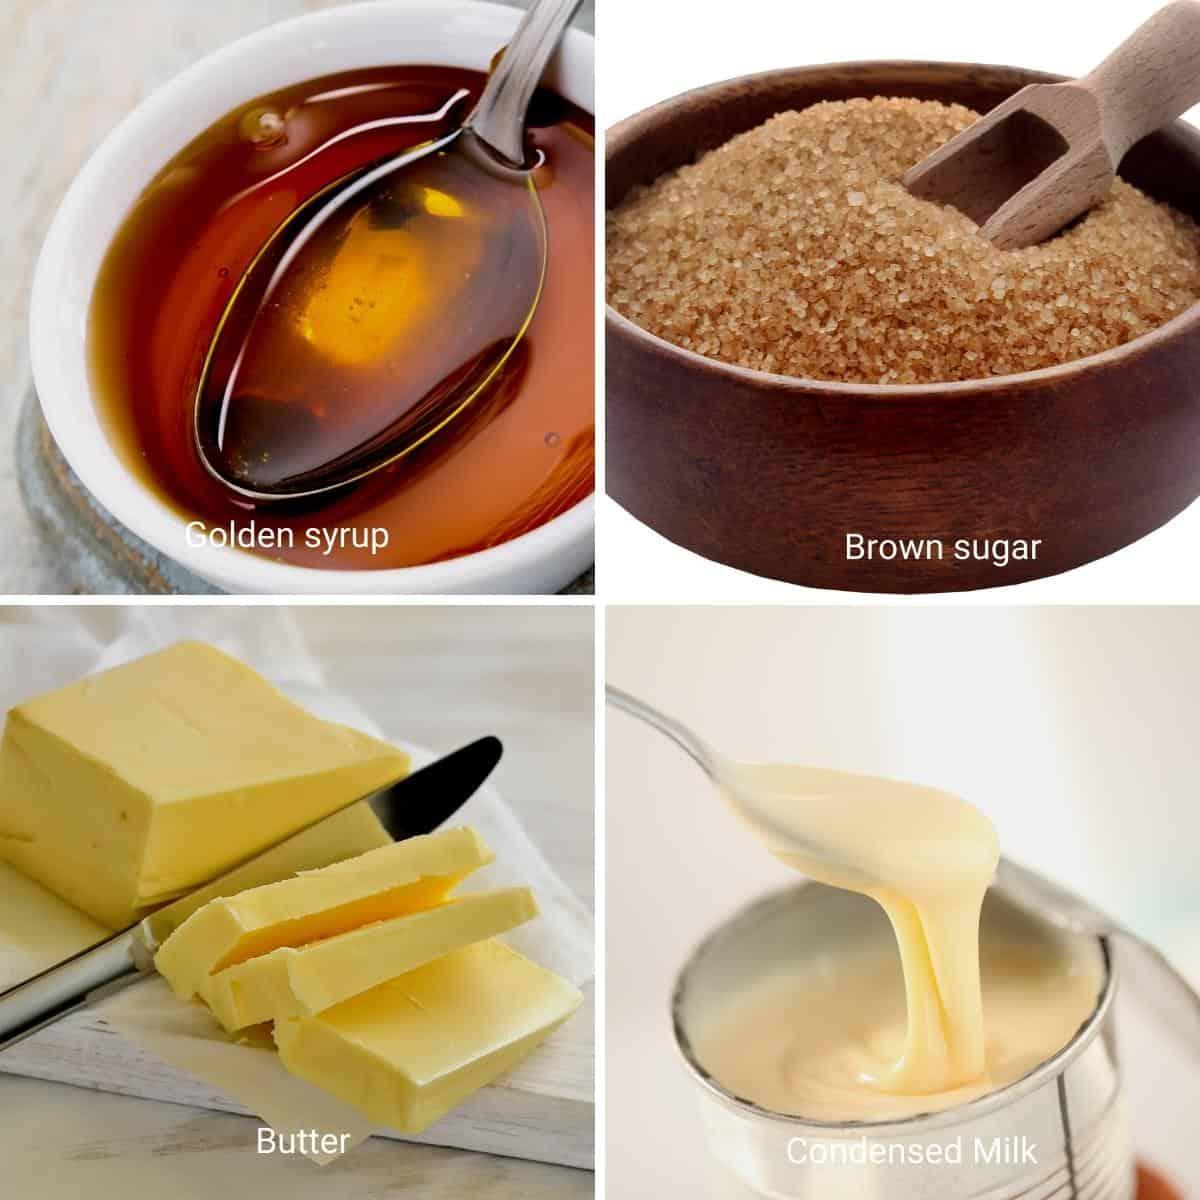 Ingredients for caramel filling.